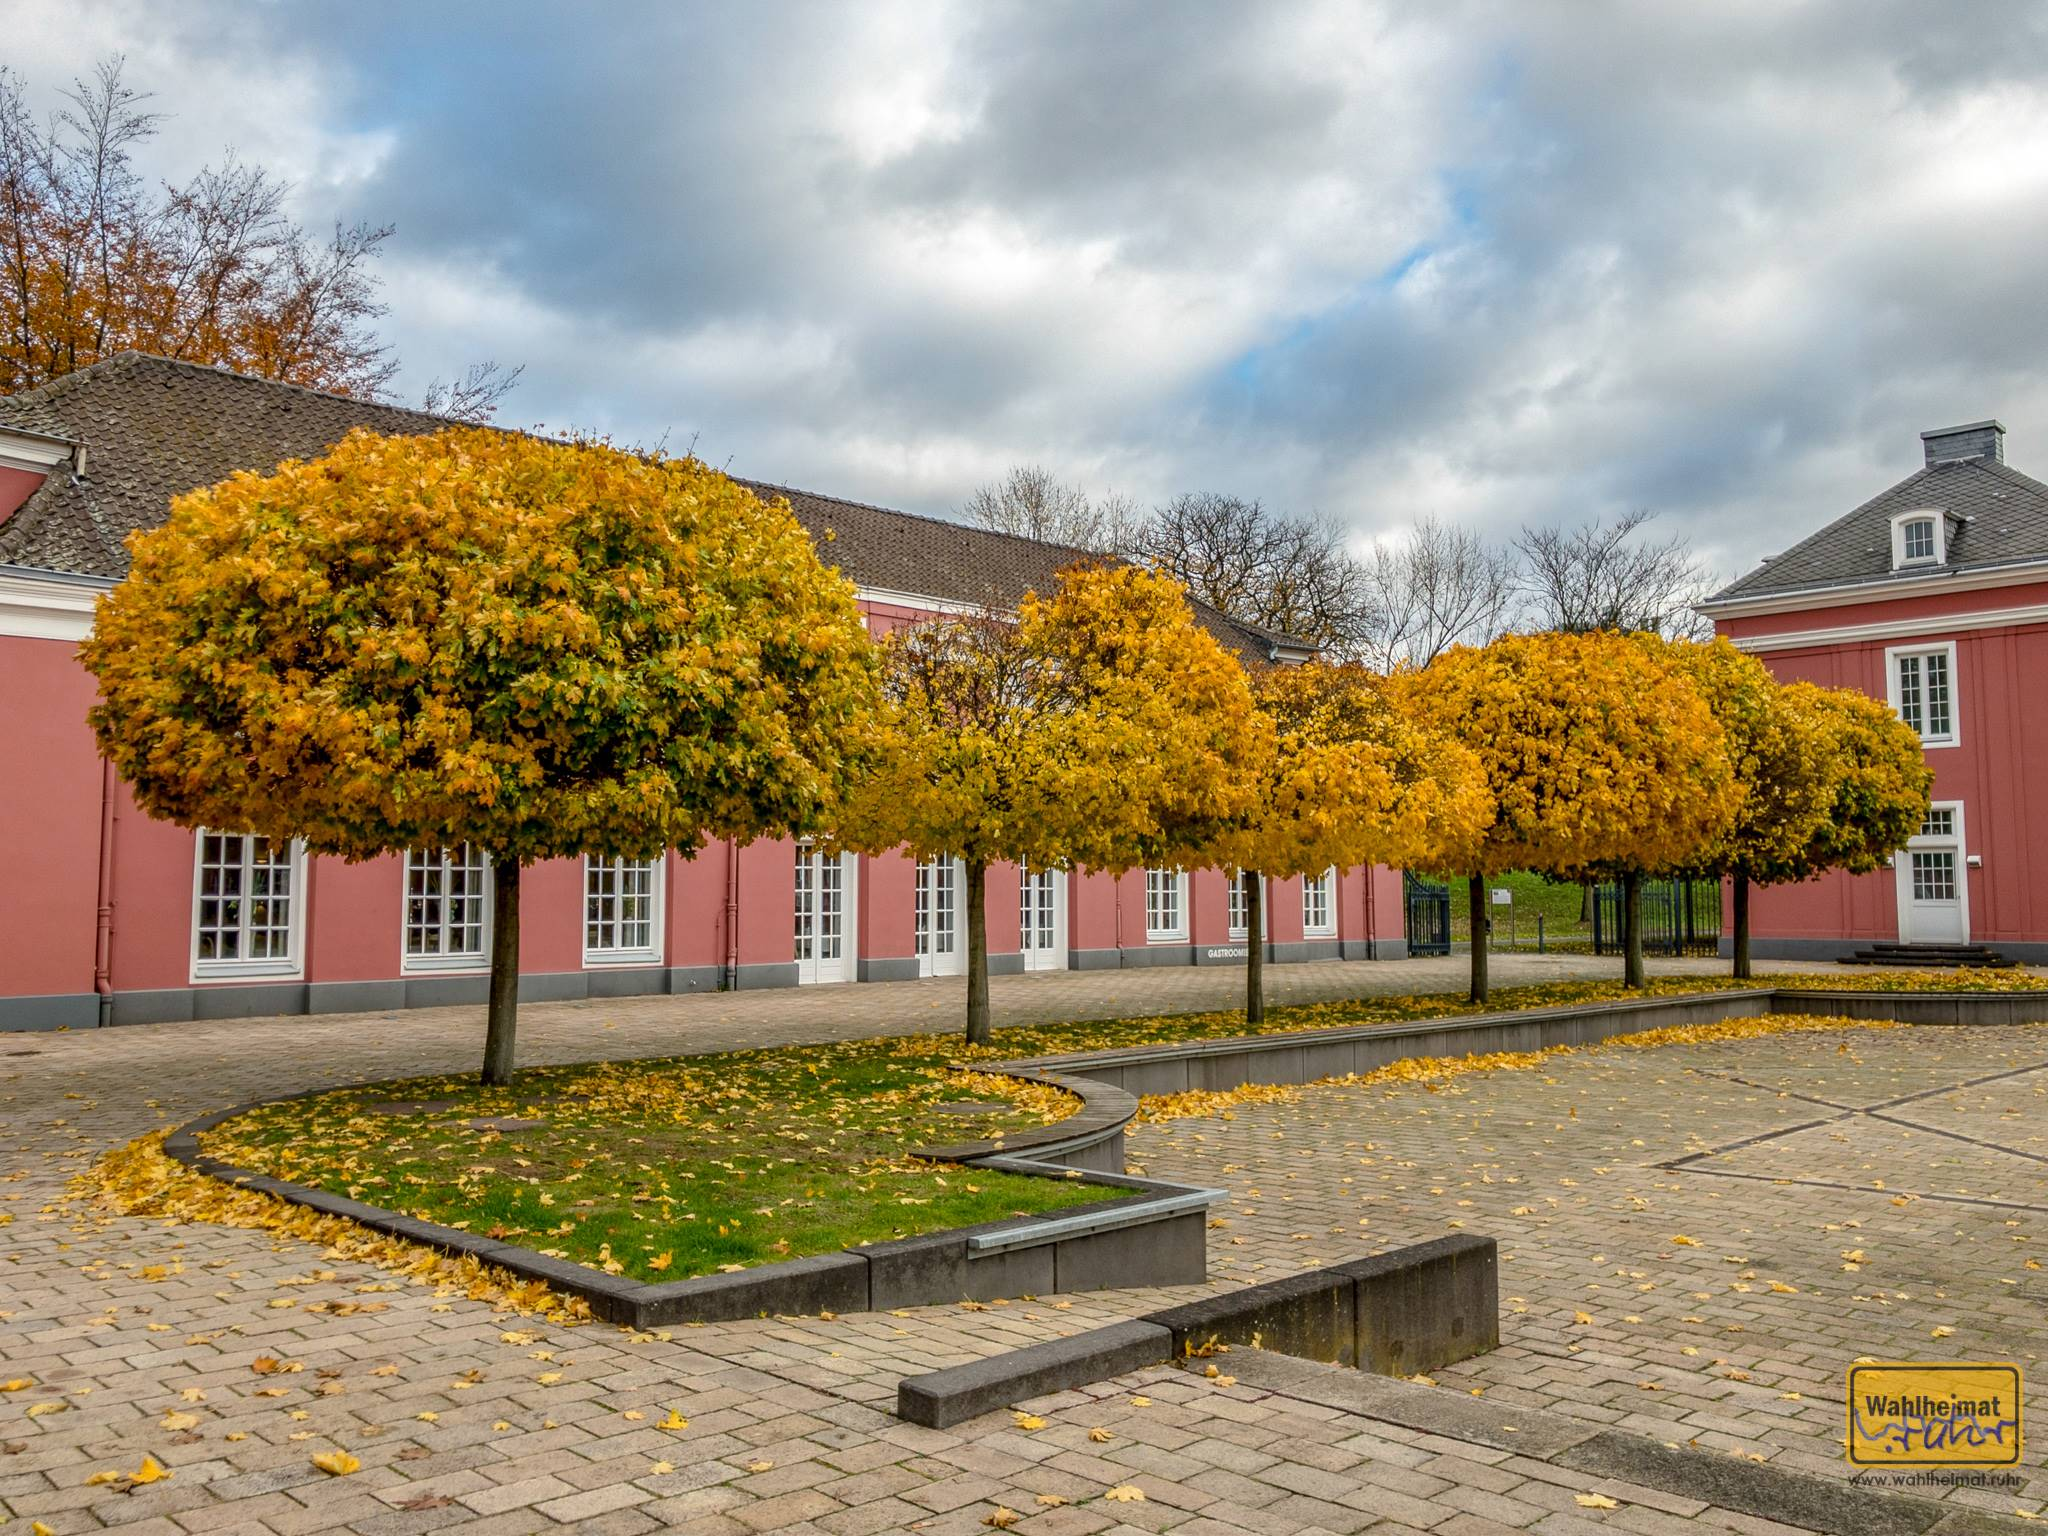 Wunderbare Kunst aus der Feder der Natur findet sich auch schon vor der Tür der Ludwig-Galerie.